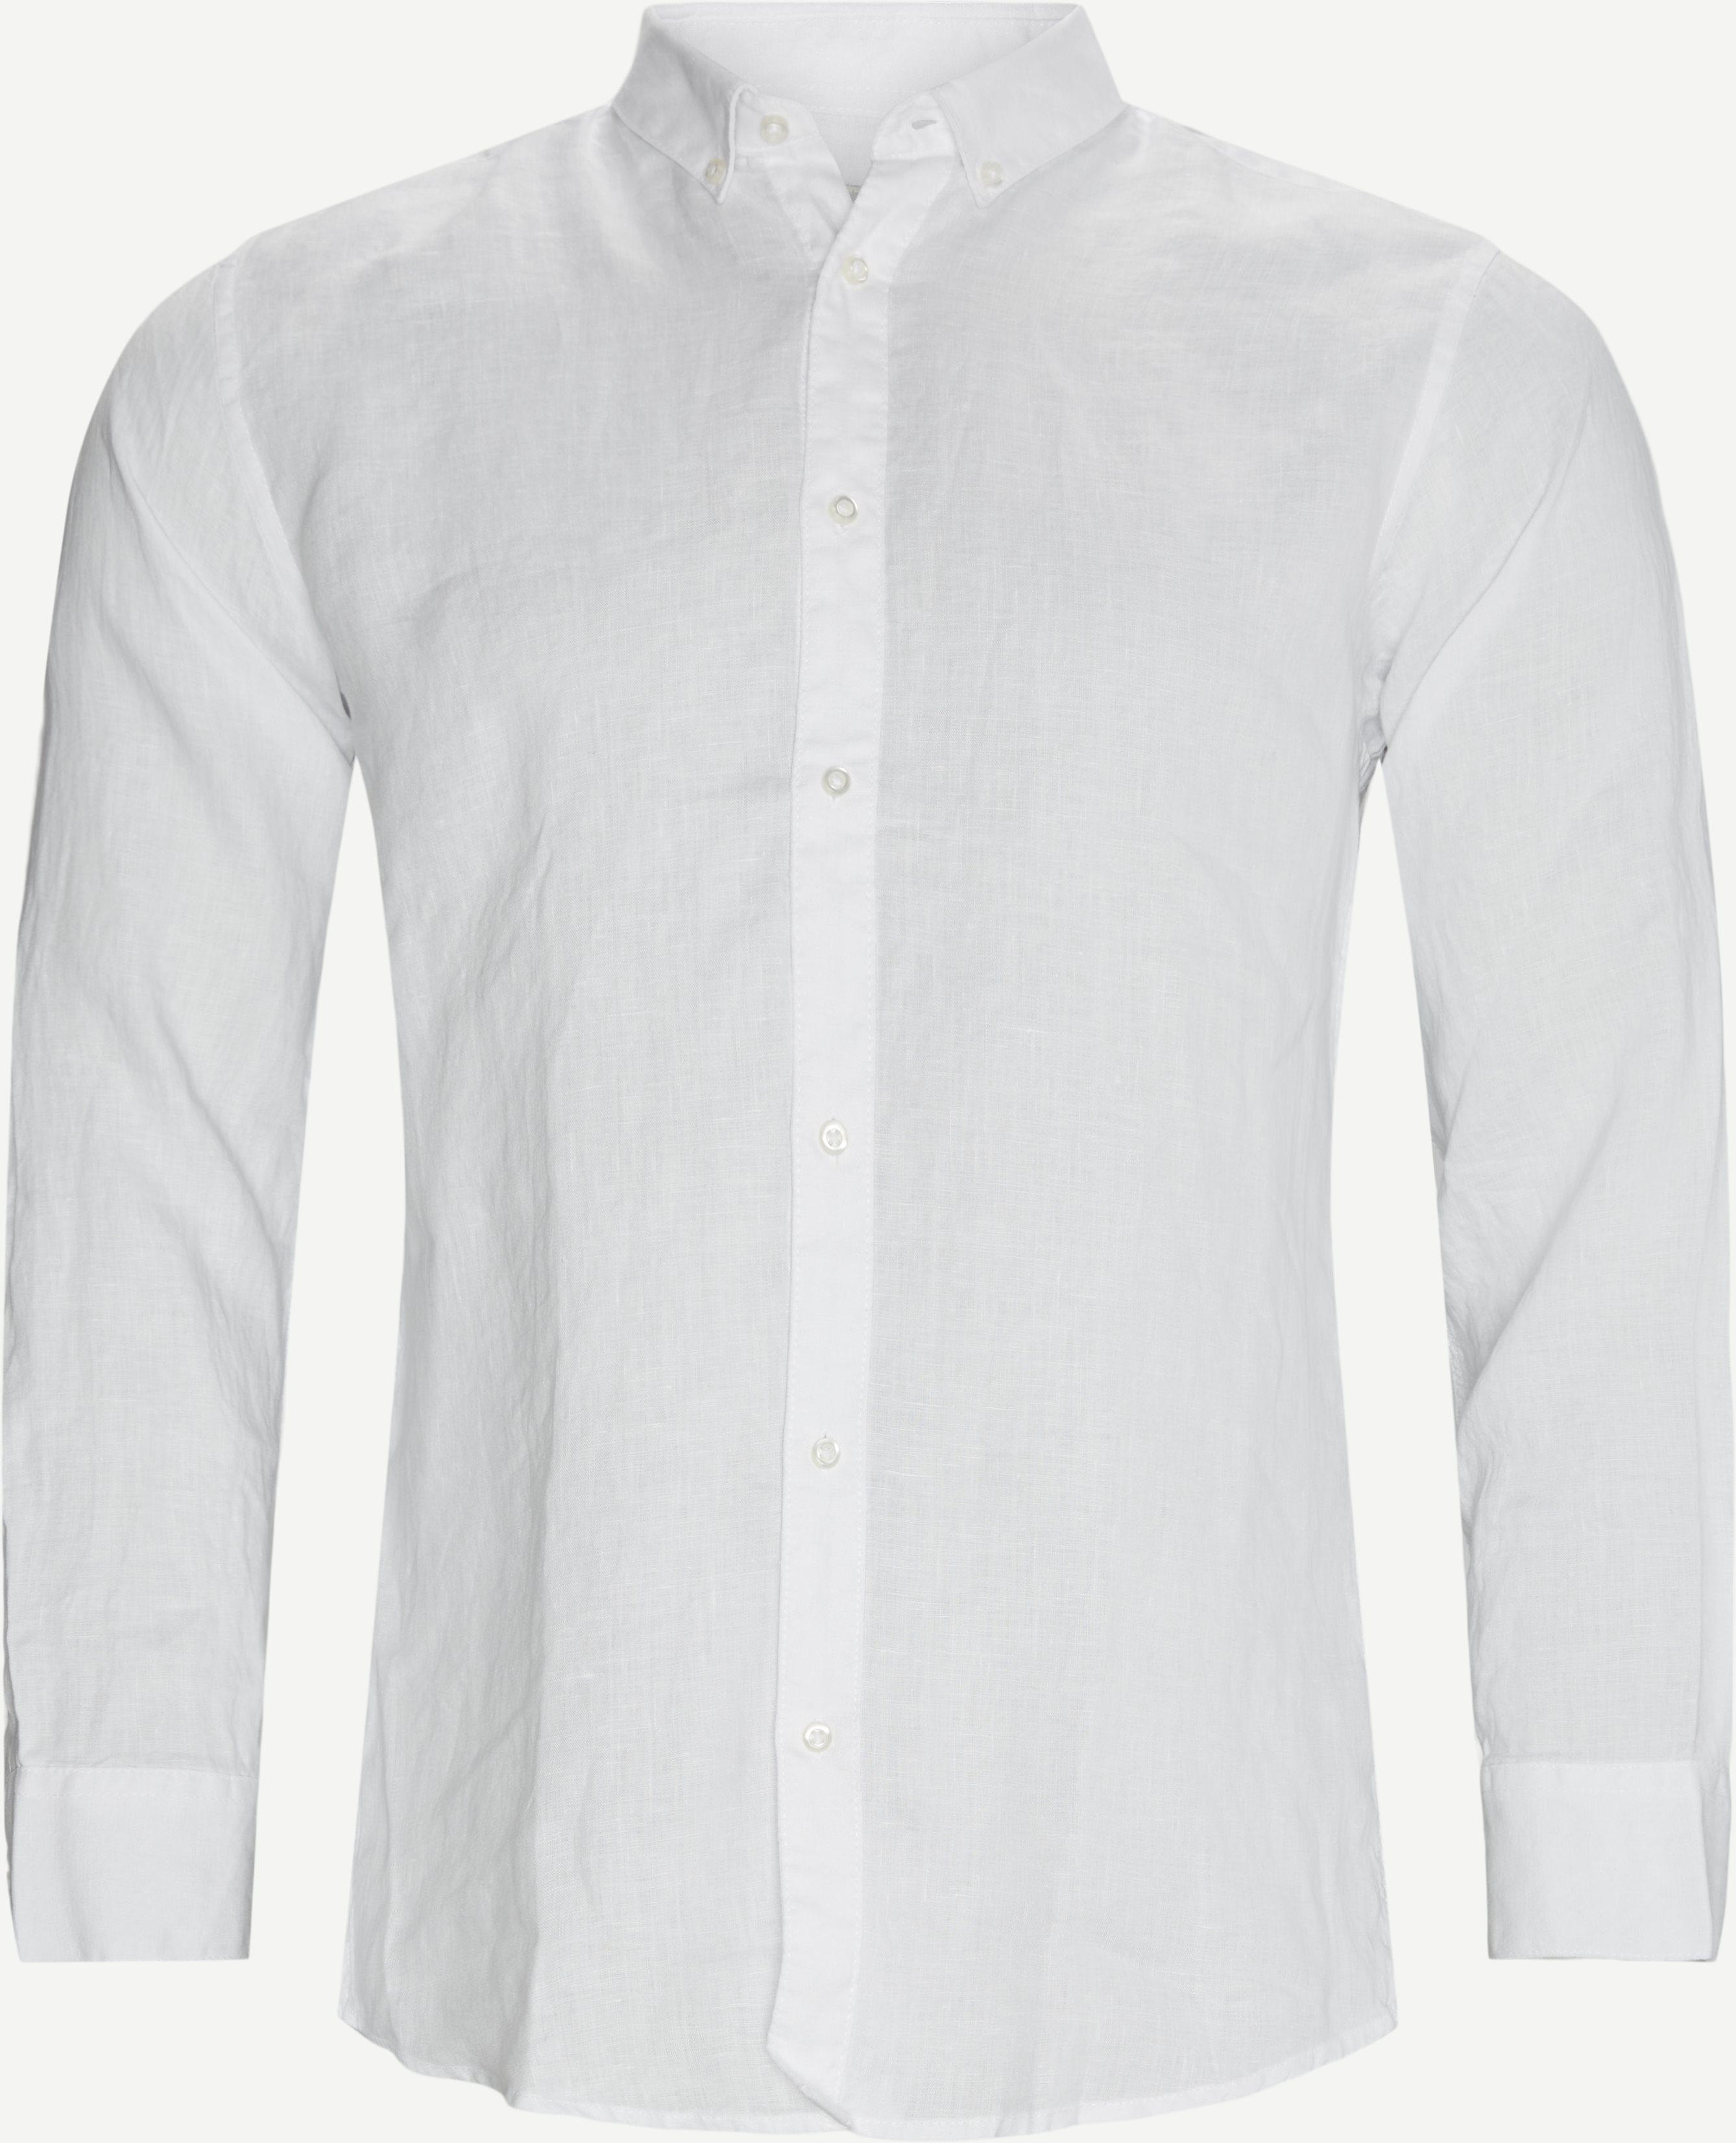 Kochi Skjorte - Skjorter - Regular - Hvid